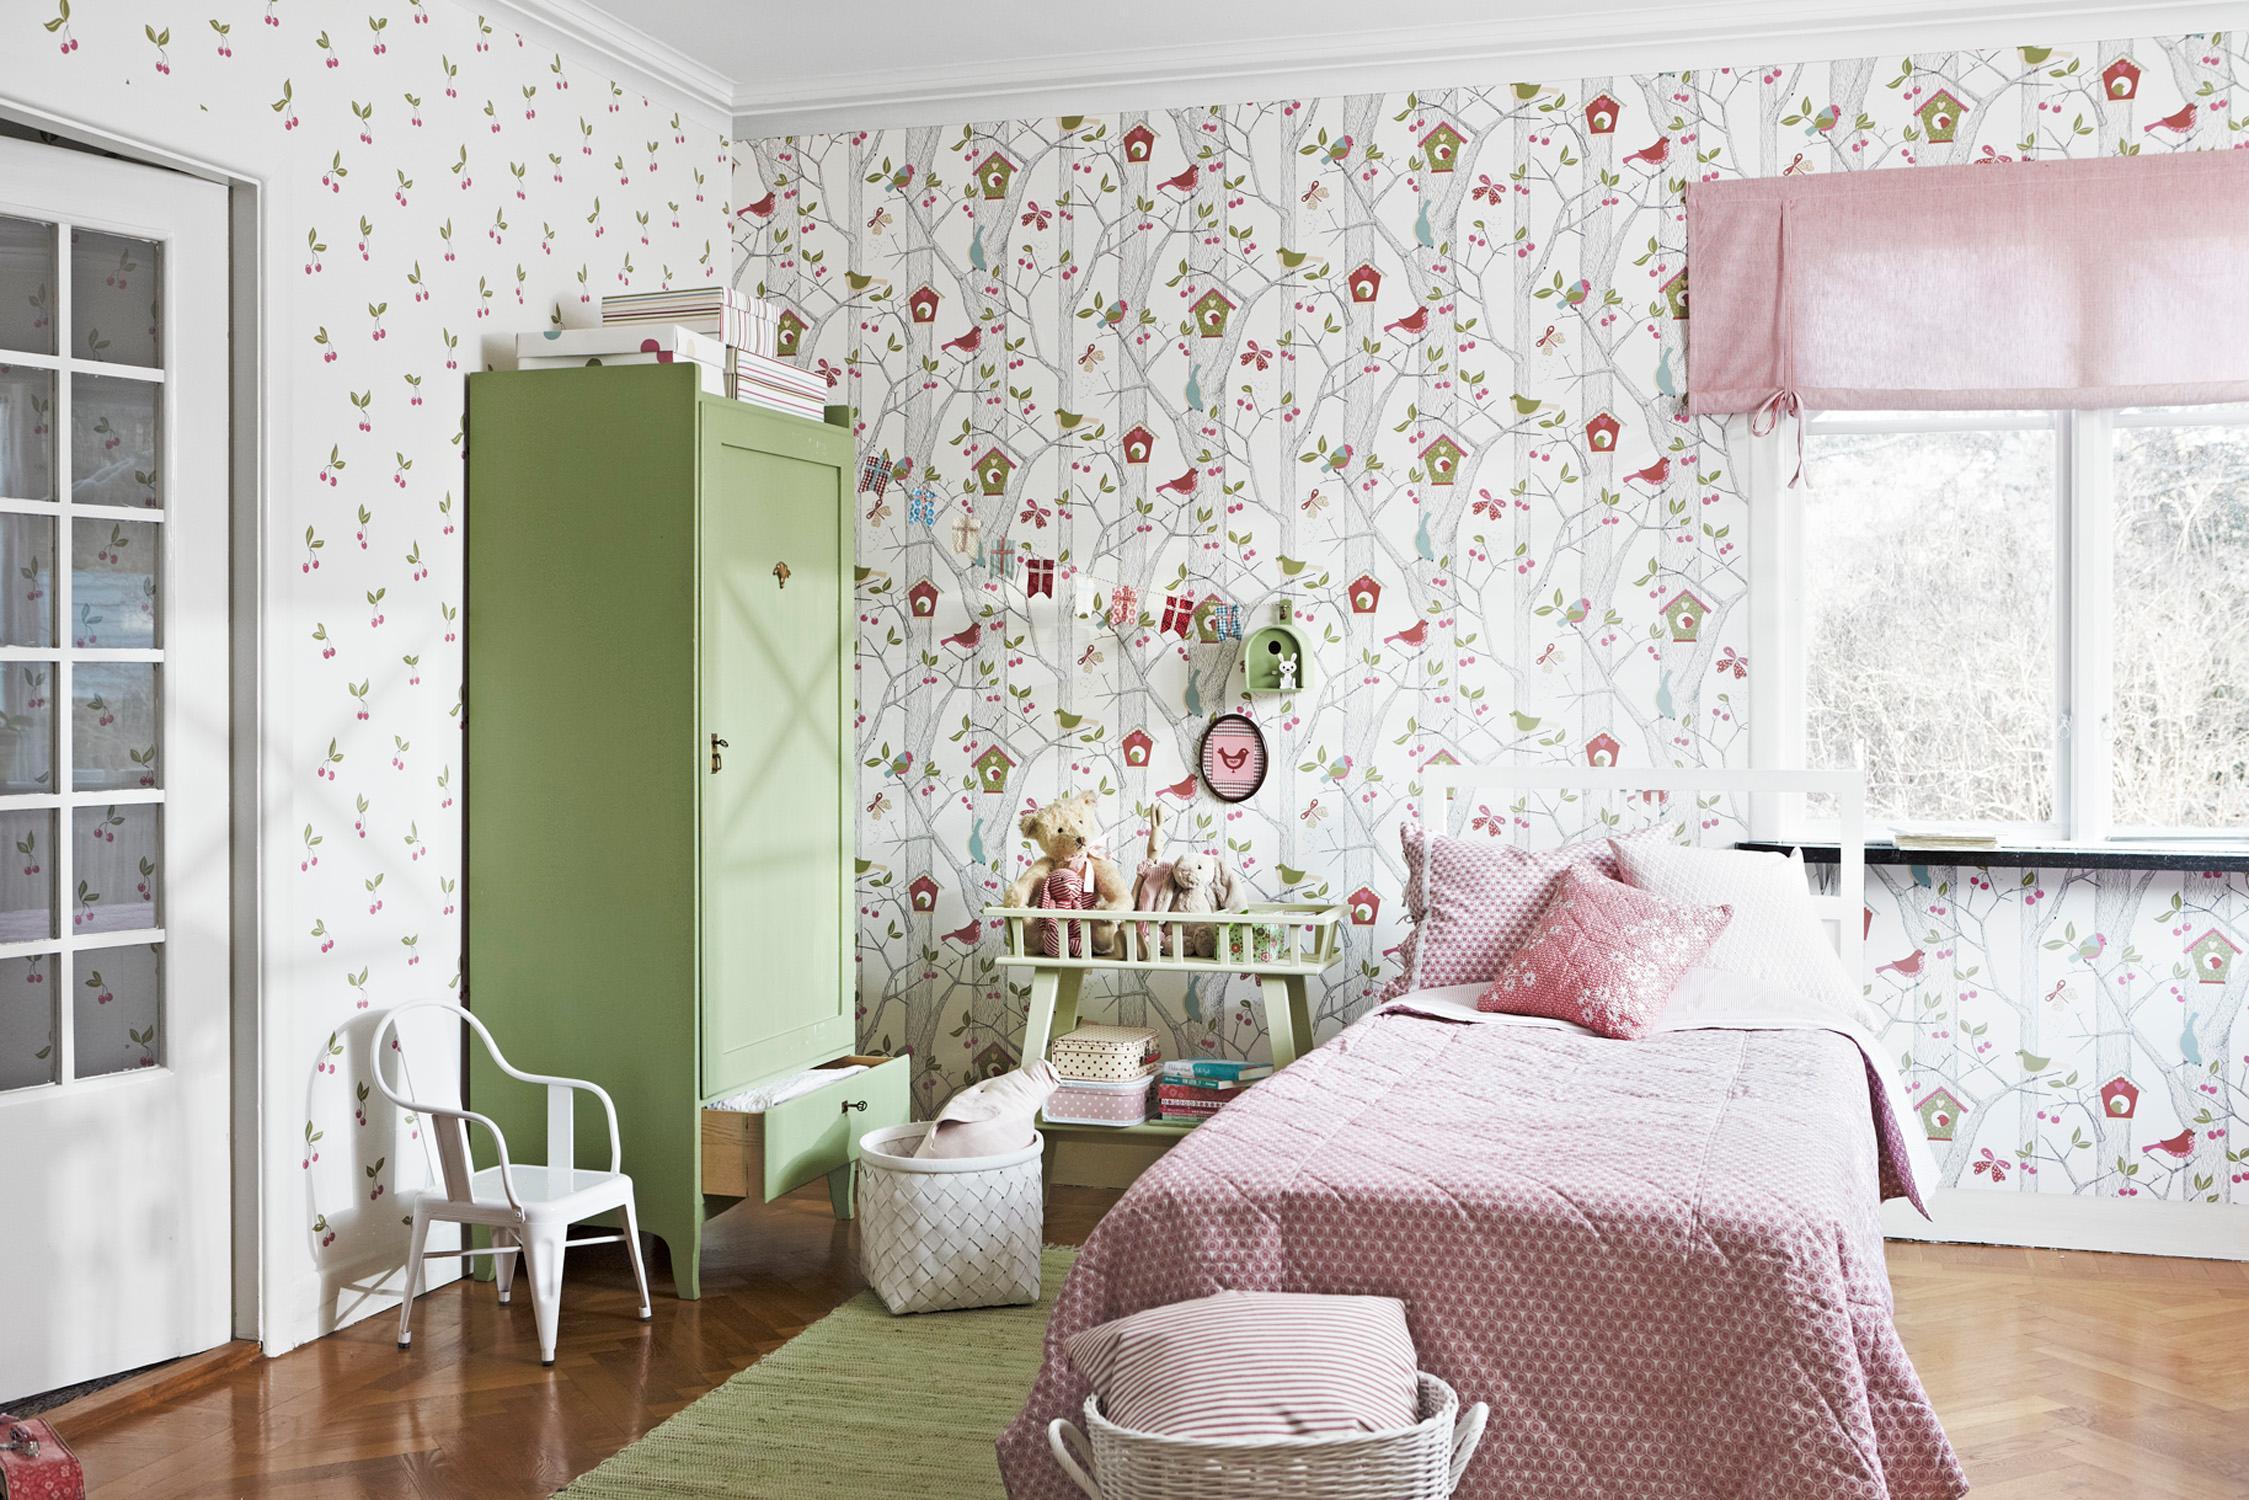 Mustertapete Im Floralen Design #schrank #raffrollo #mustertapete  #jugendzimmermädchen ©Boras Tapeter